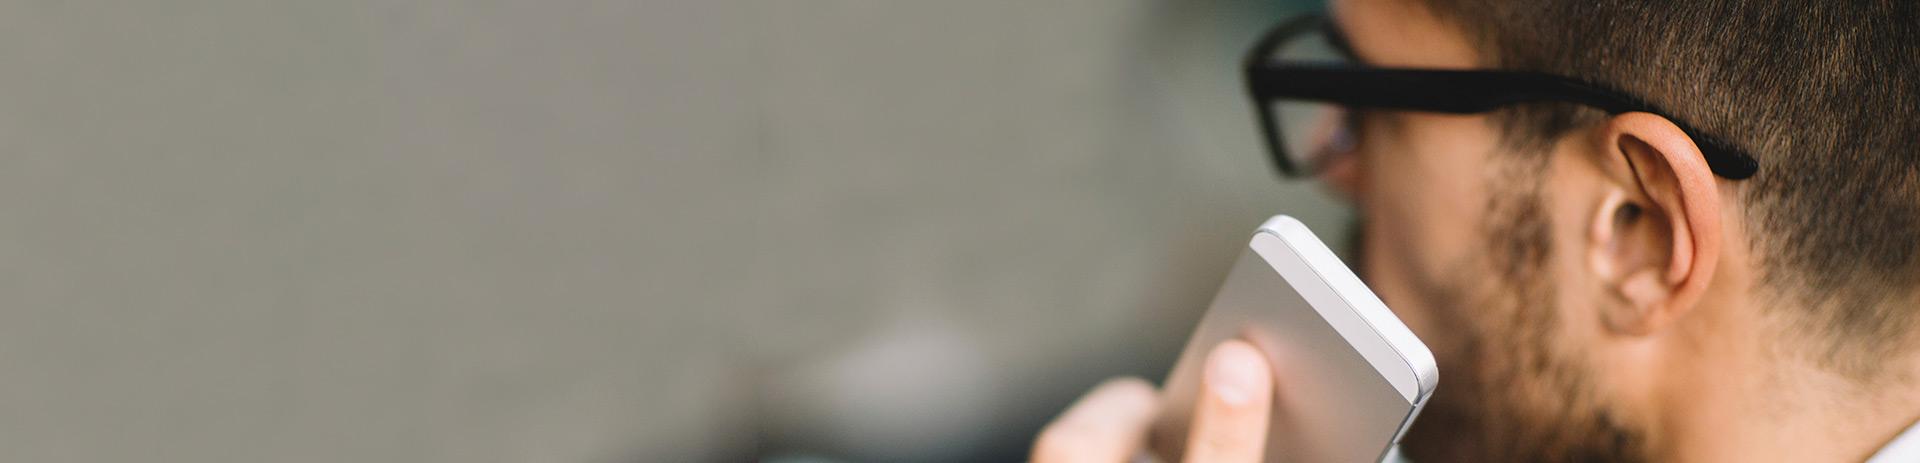 Profil eines Mannes, der ein Mobiltelefon Richtung Ohr führt